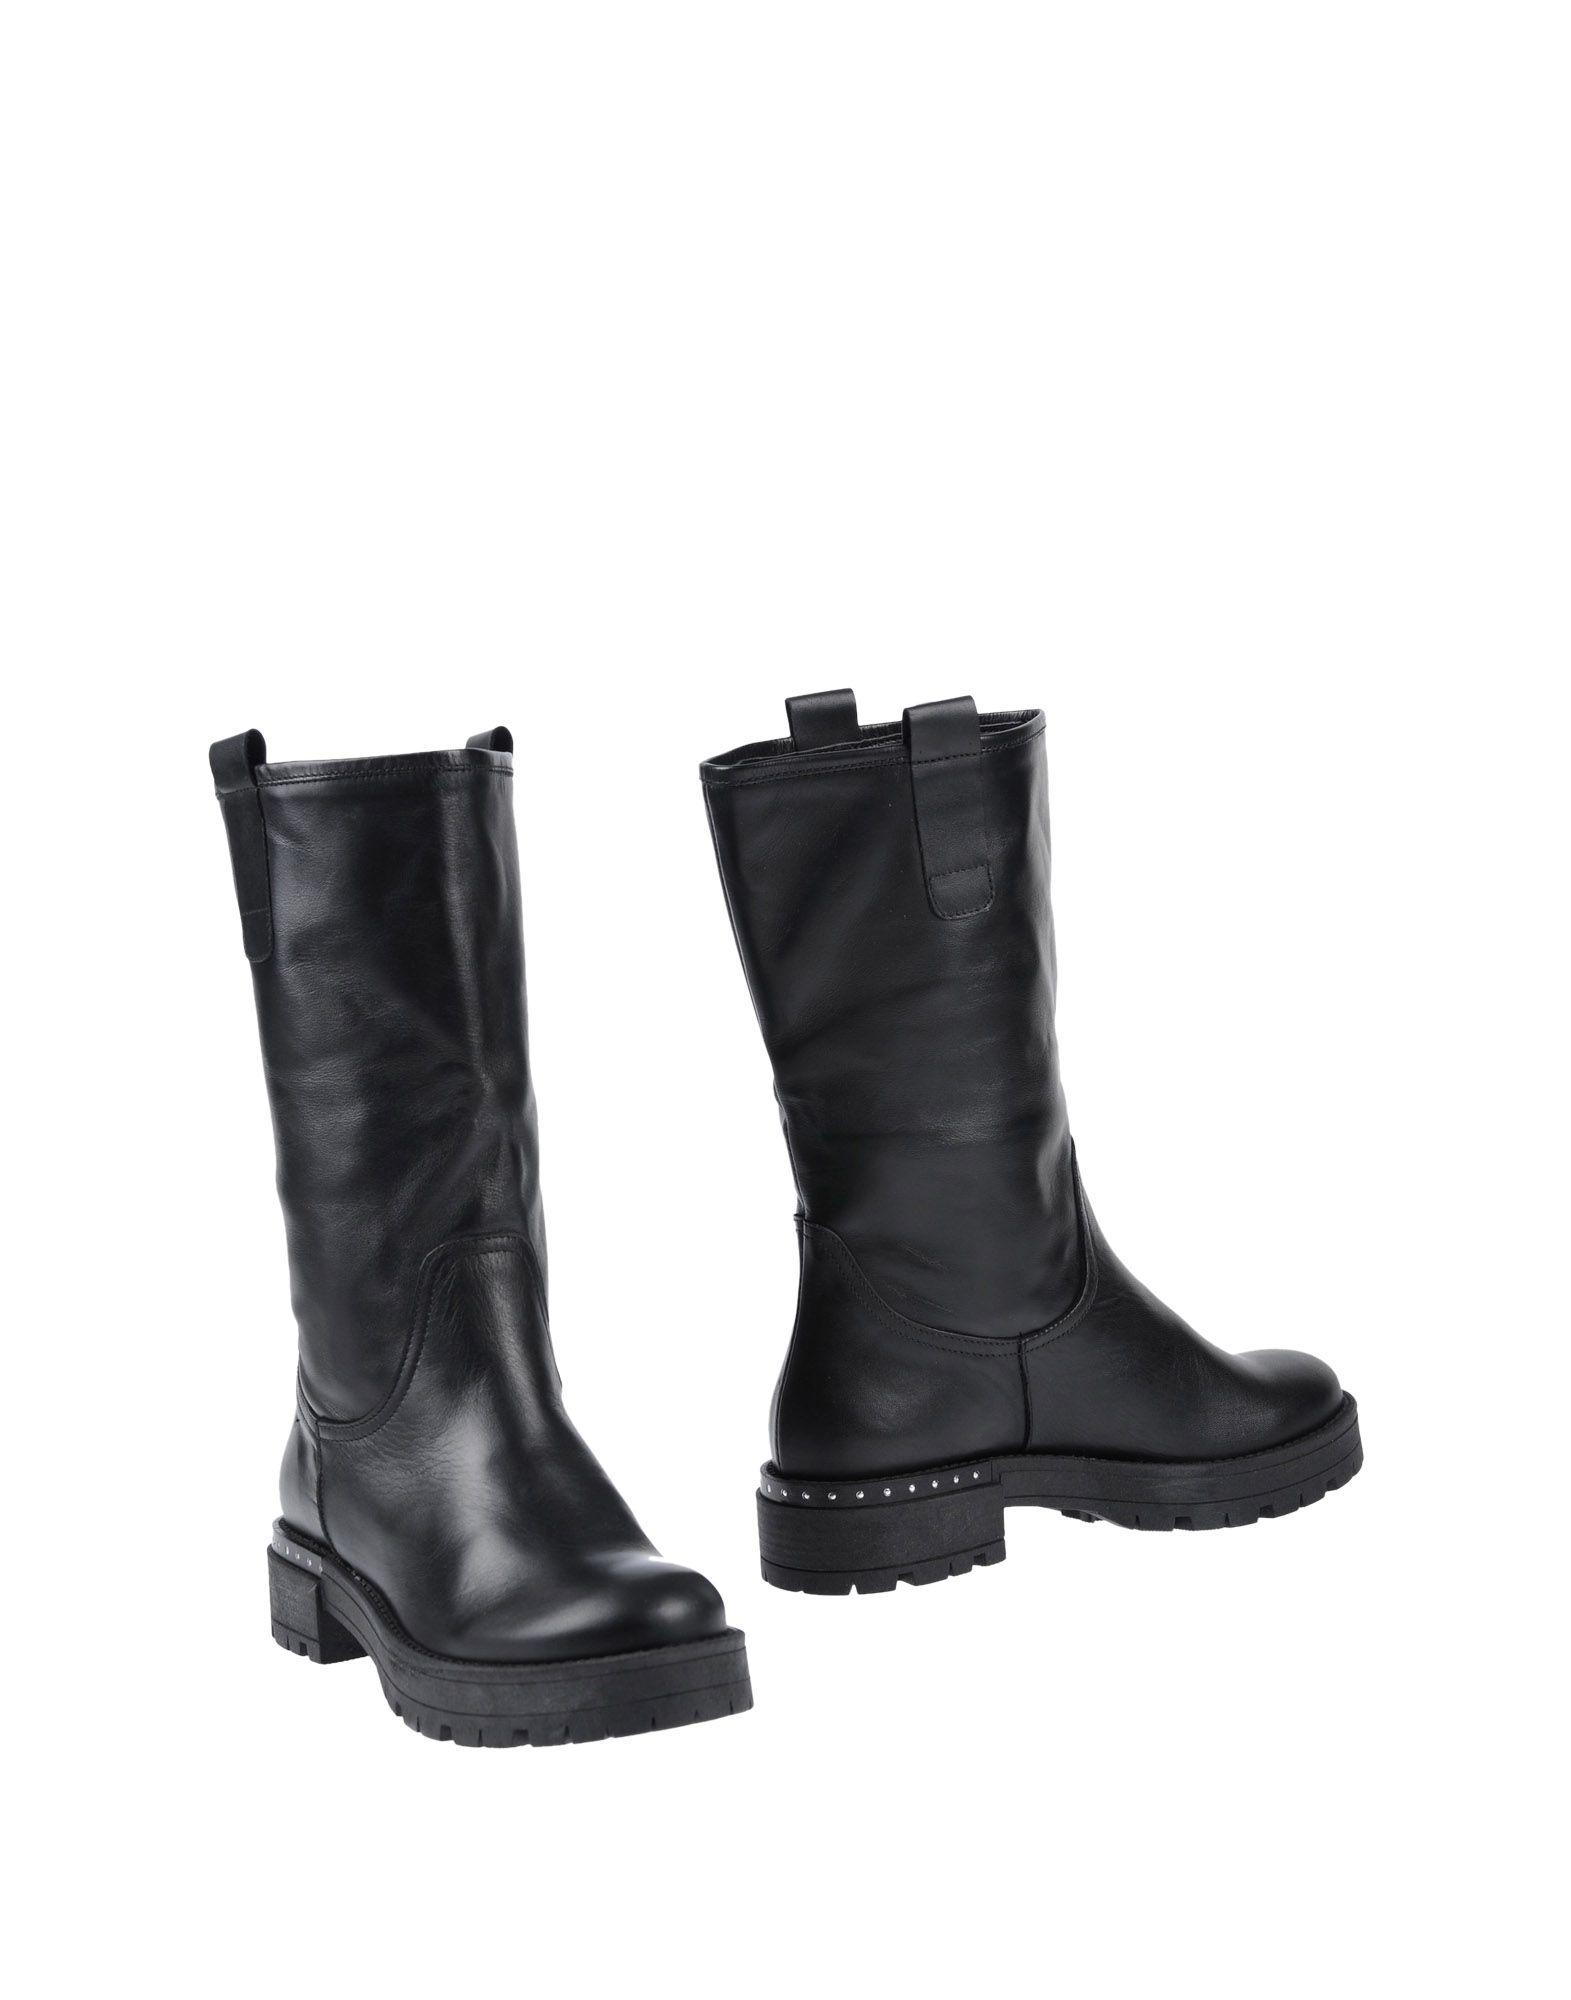 Unlace Stiefel Damen  11471361WM Gute Qualität beliebte Schuhe